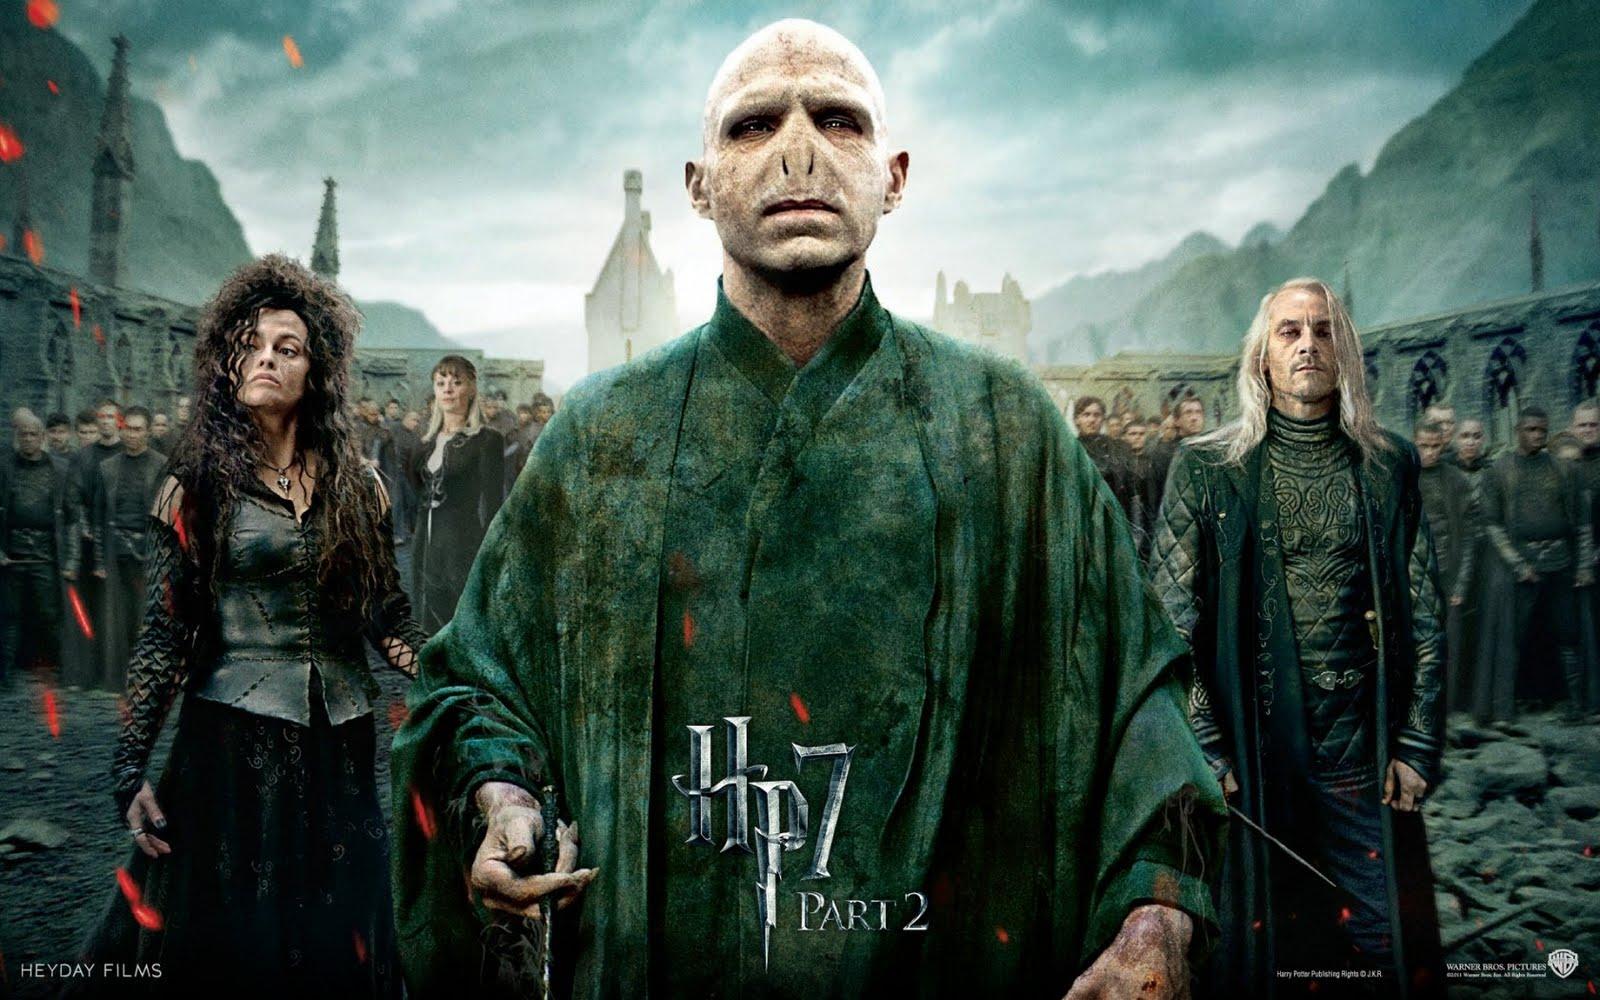 http://1.bp.blogspot.com/-pp0JON2J-HA/Tih0-vrebaI/AAAAAAAABps/vkqO3mGJPT8/s1600/Harry+Potter-7-part-2-Voldemort.jpg